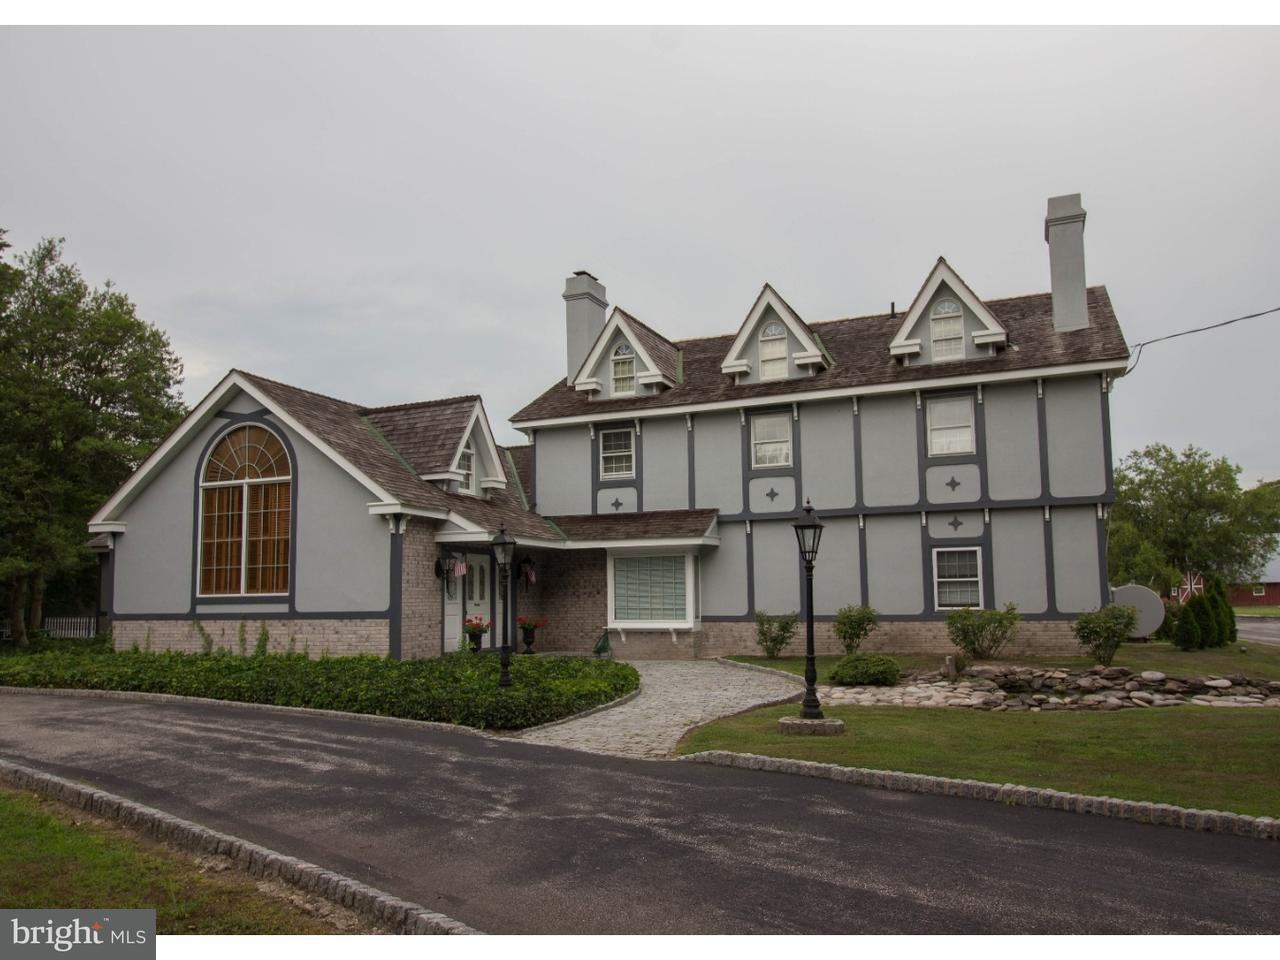 独户住宅 为 销售 在 859 COLES MILL Road Williamstown, 新泽西州 08094 美国在/周边: Monroe Township